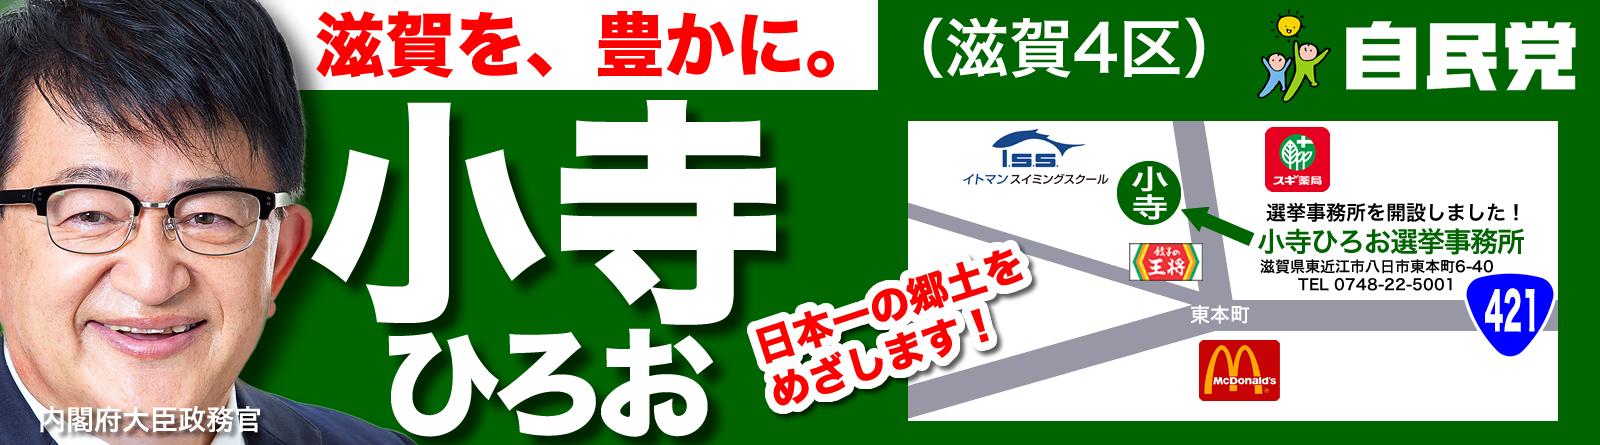 衆議院議員小寺ひろお公式ホームページ